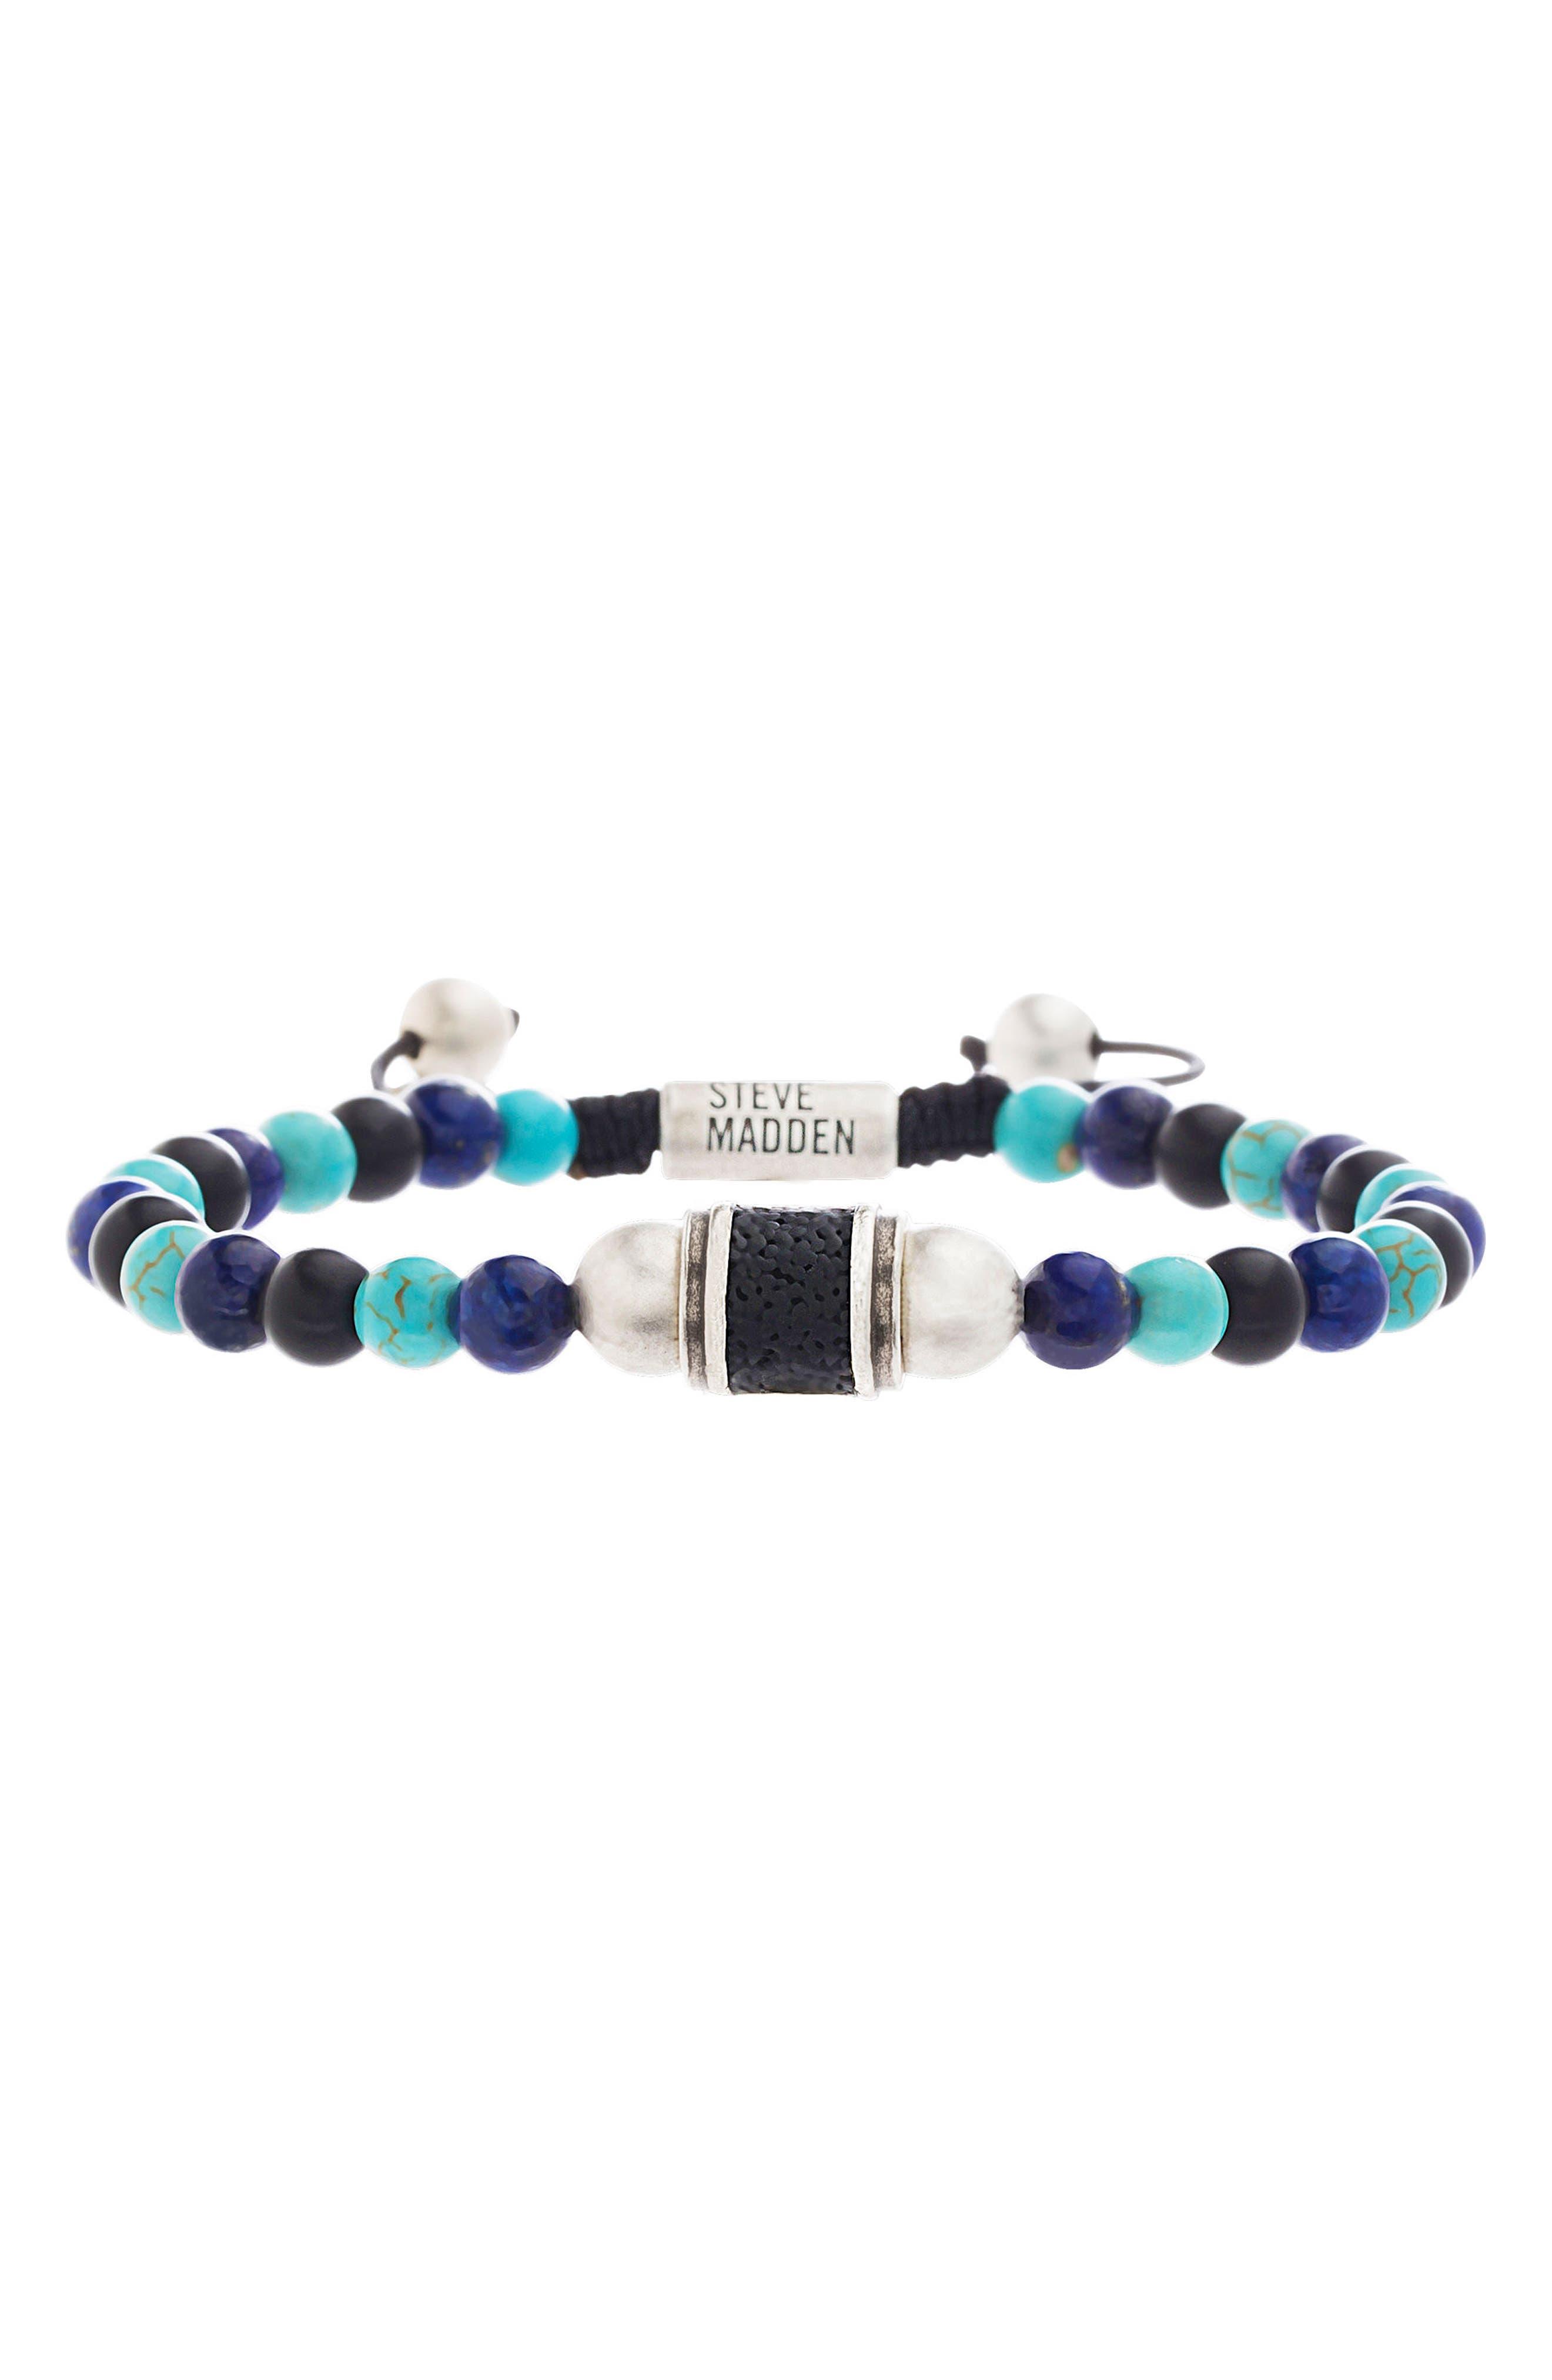 STEVE MADDEN Turquoise Bead Bracelet